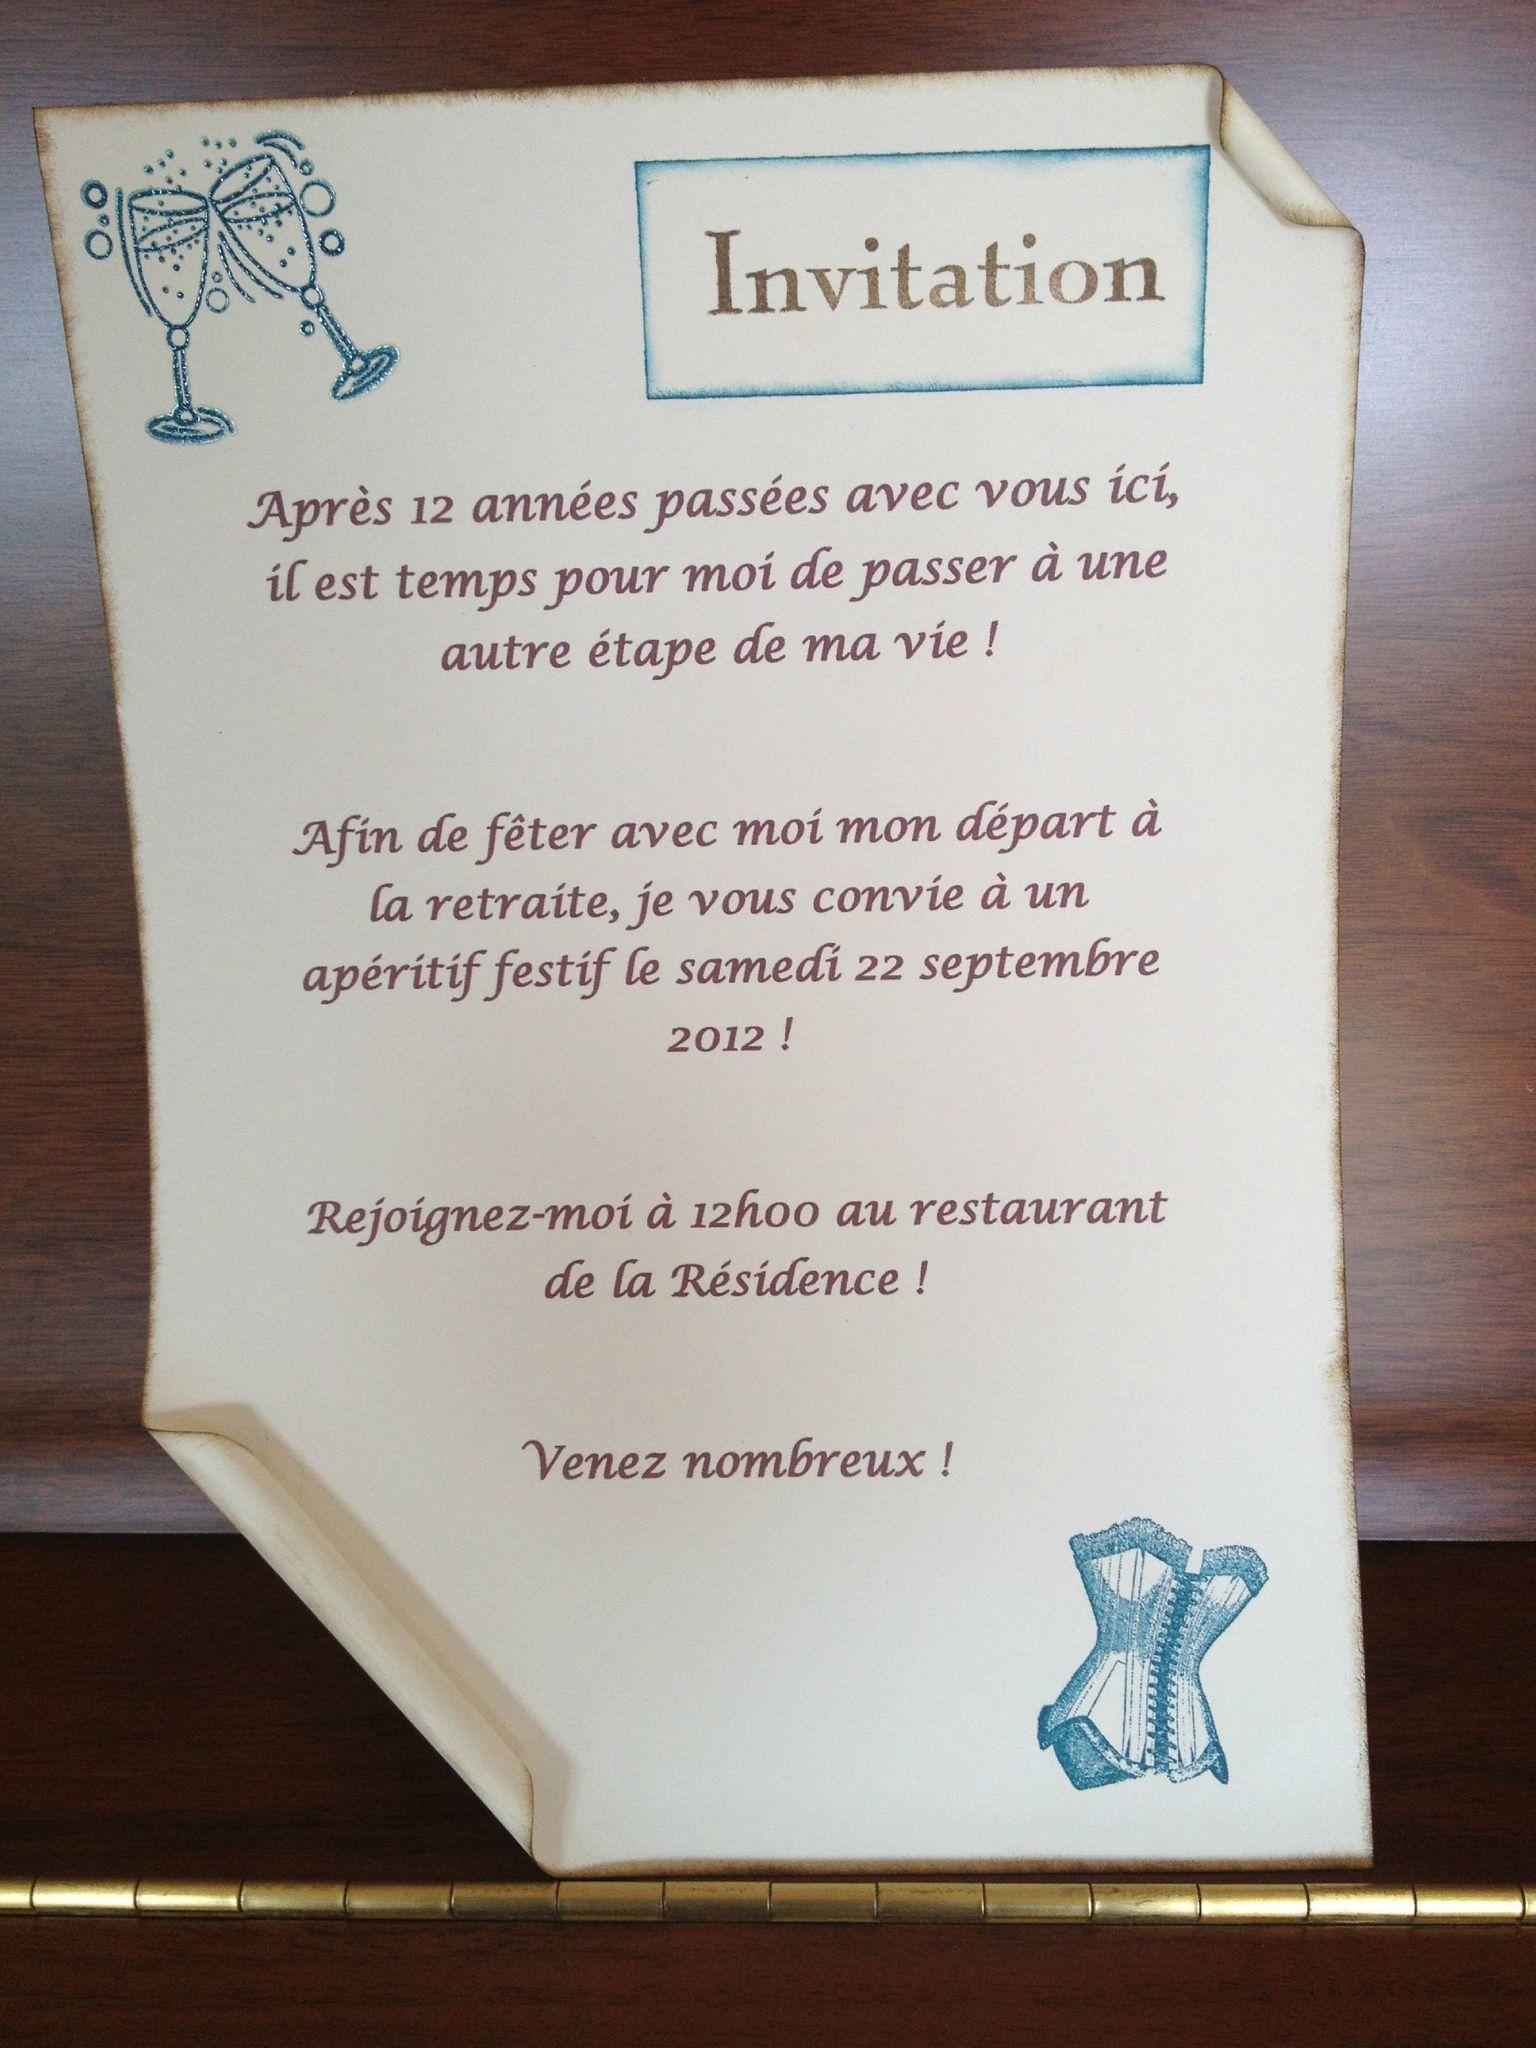 Cartes Et Affiches D'Invitation - Le Blog De Roxy à Invitation Pour La Retraite